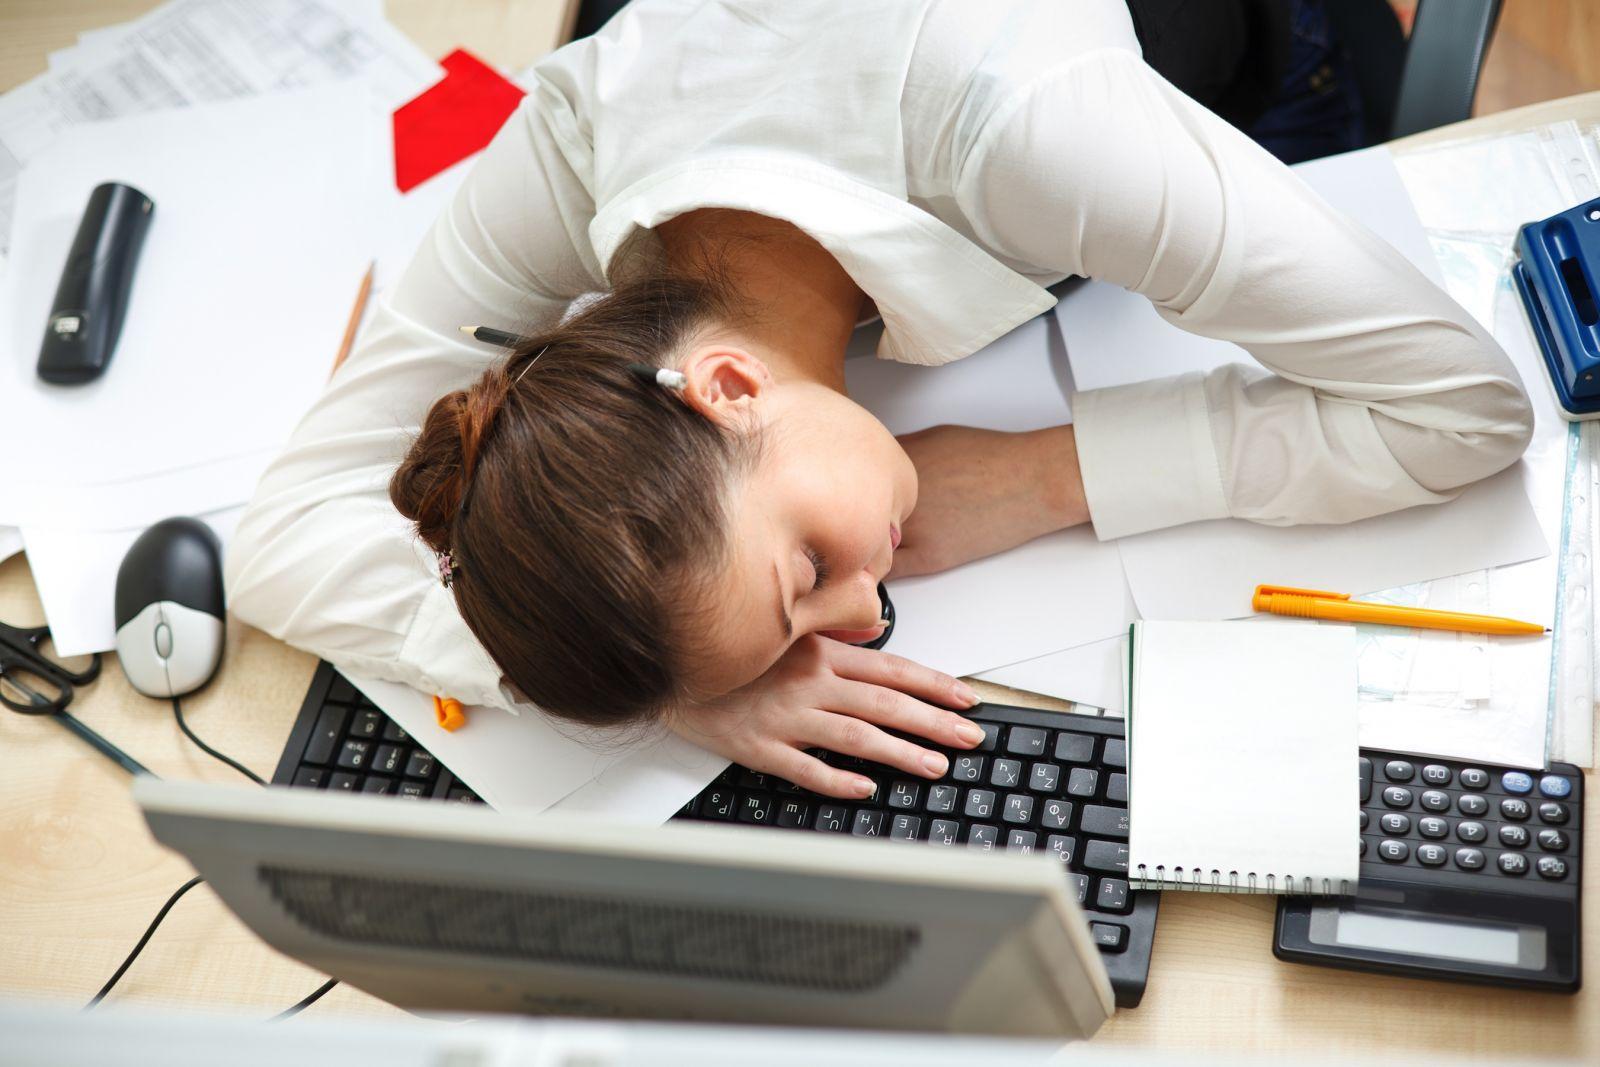 Bụng luôn cồn cào dẫn đến không thể tập trung học tập, làm việc